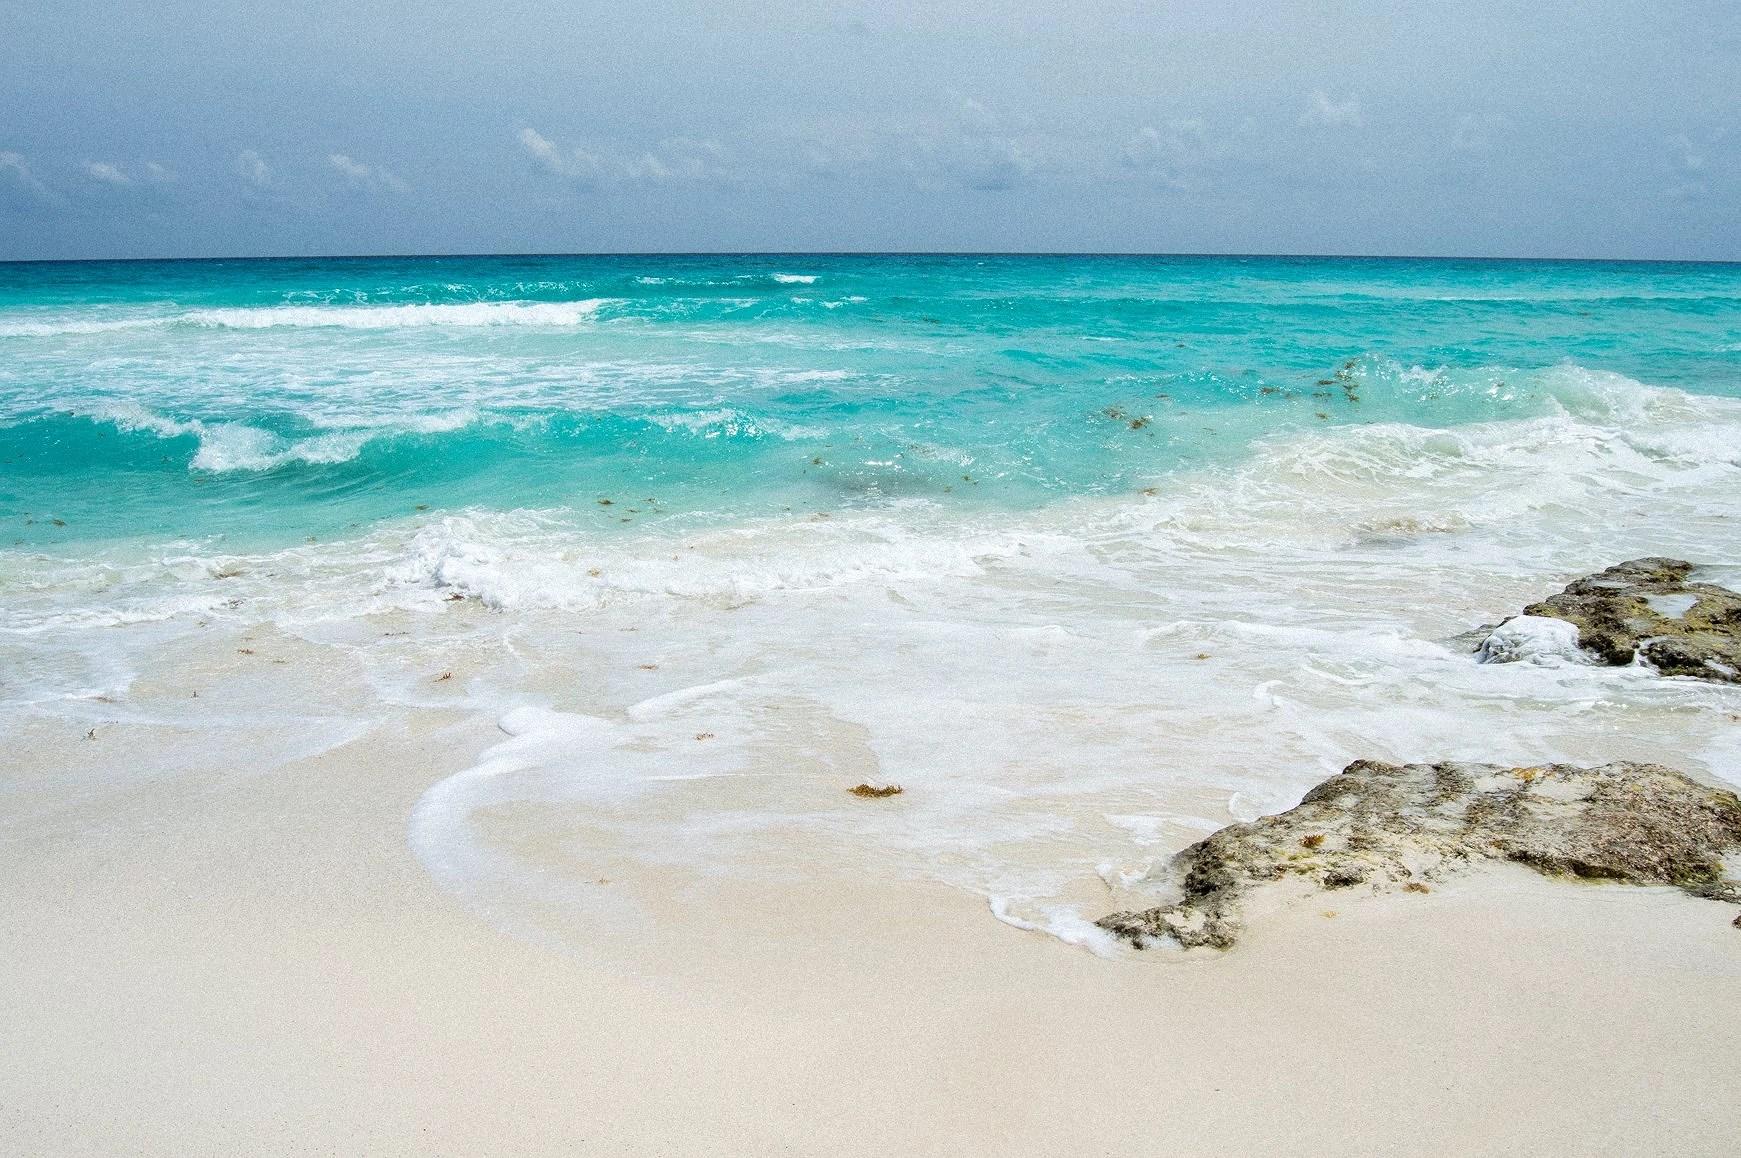 turkost hav och vita stränder